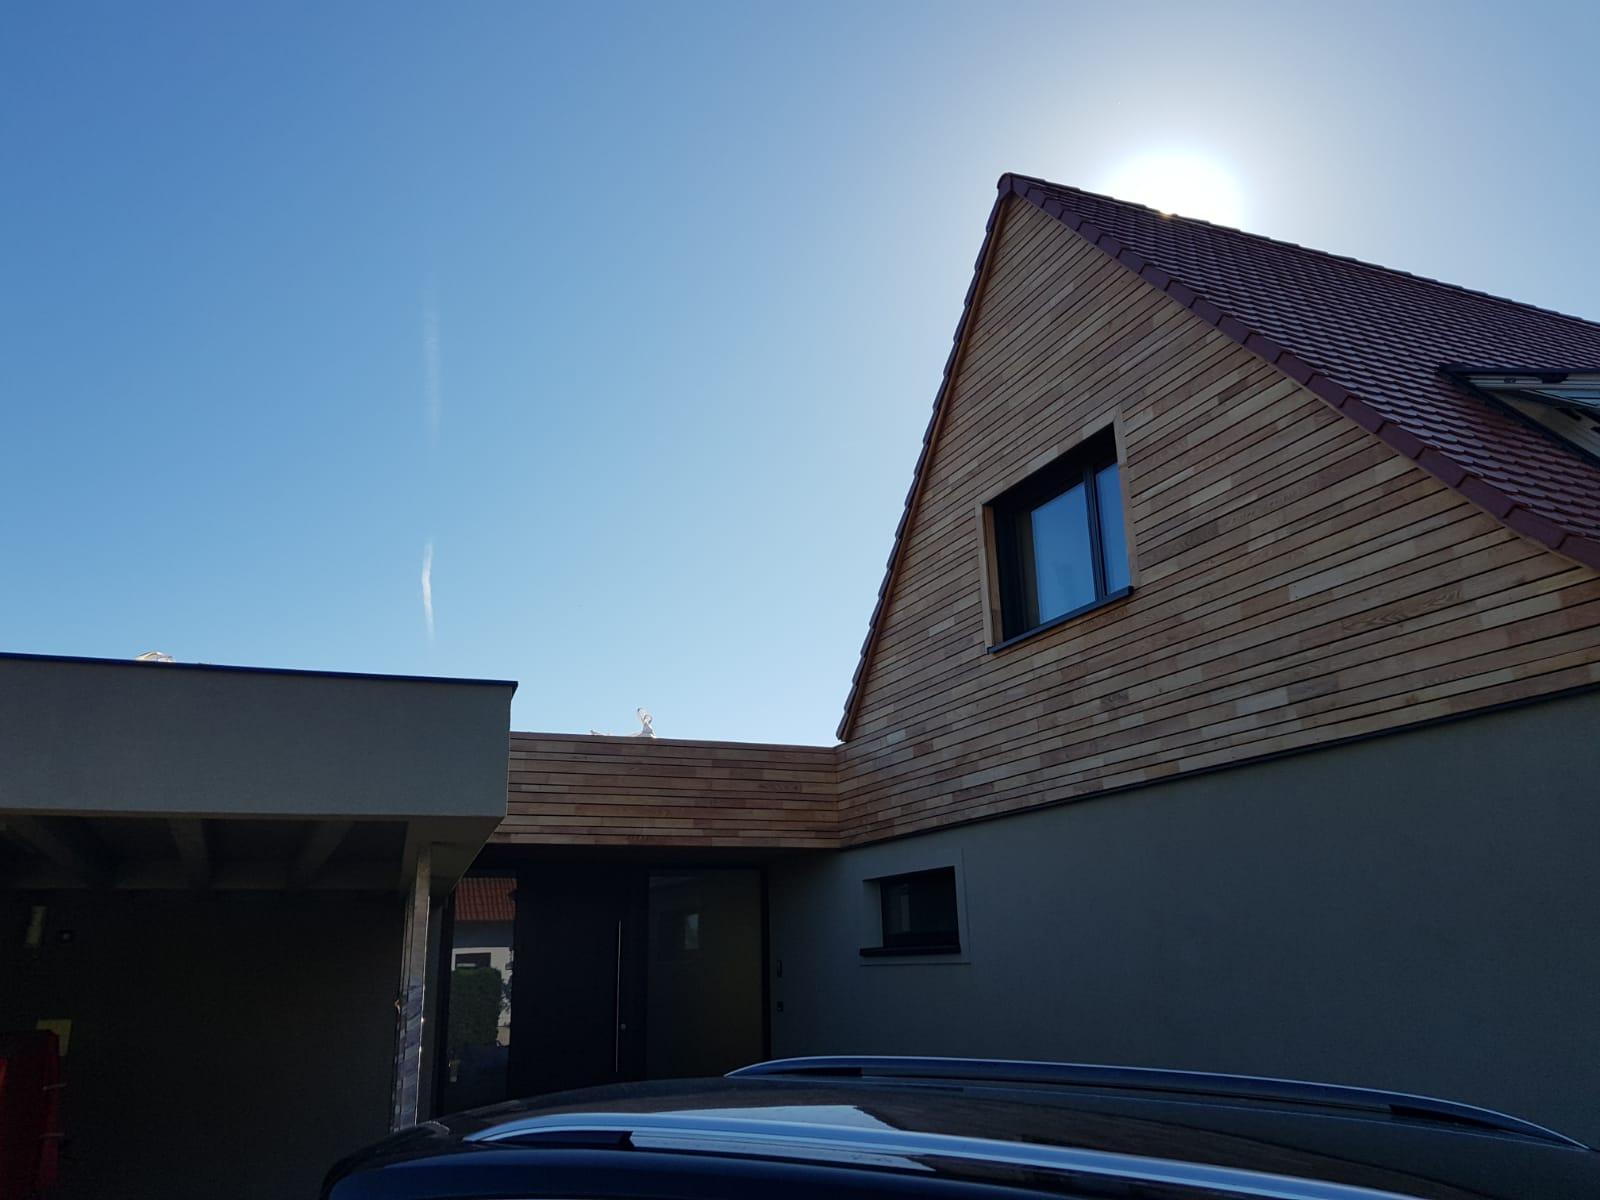 naturliches robinienholz im einklang mit modernster architektur ein highlight fur die ewigkeit wir haben